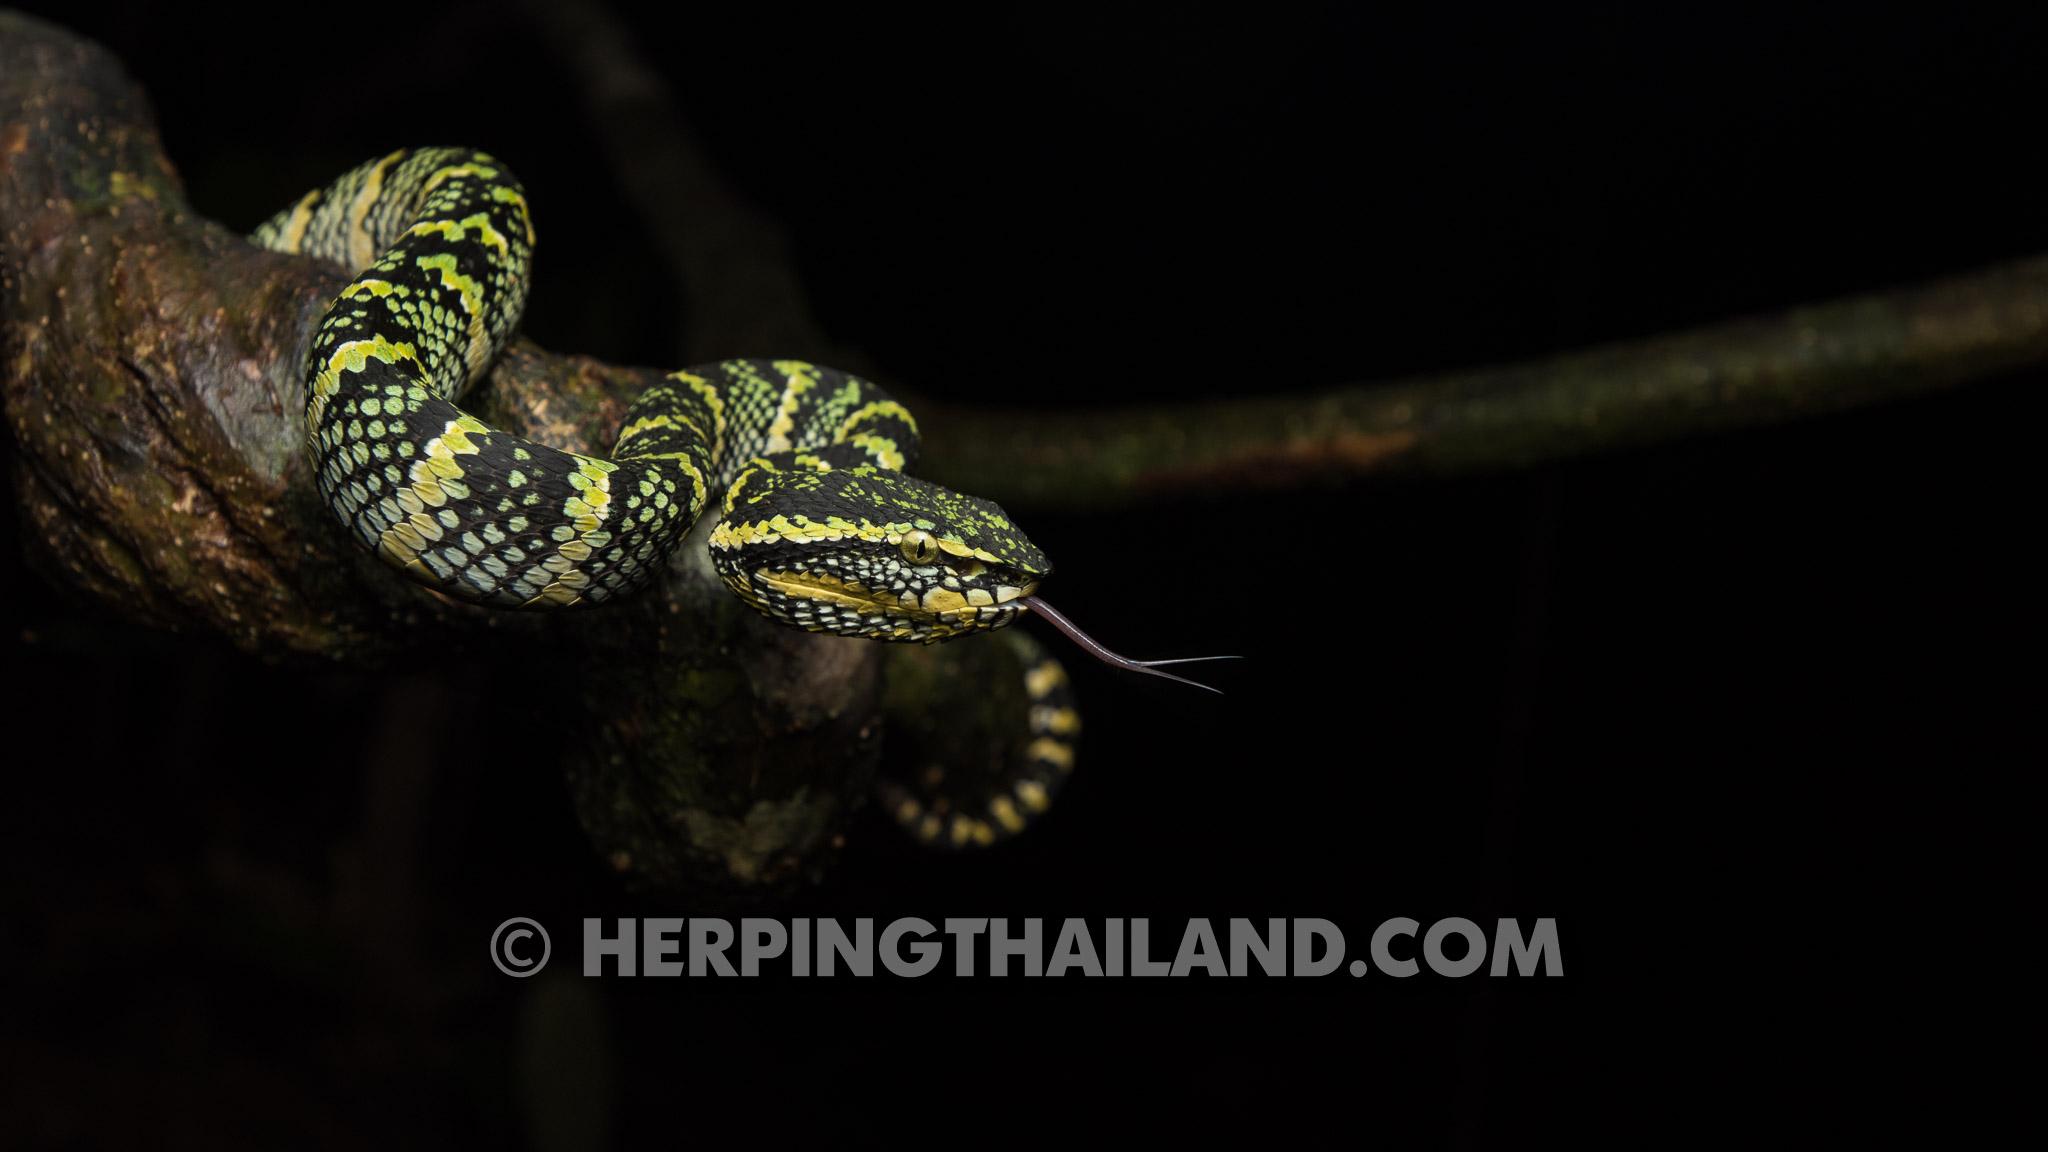 Tropidolaemus Wagleri Waglers Pit Viper Herpingthailandcom